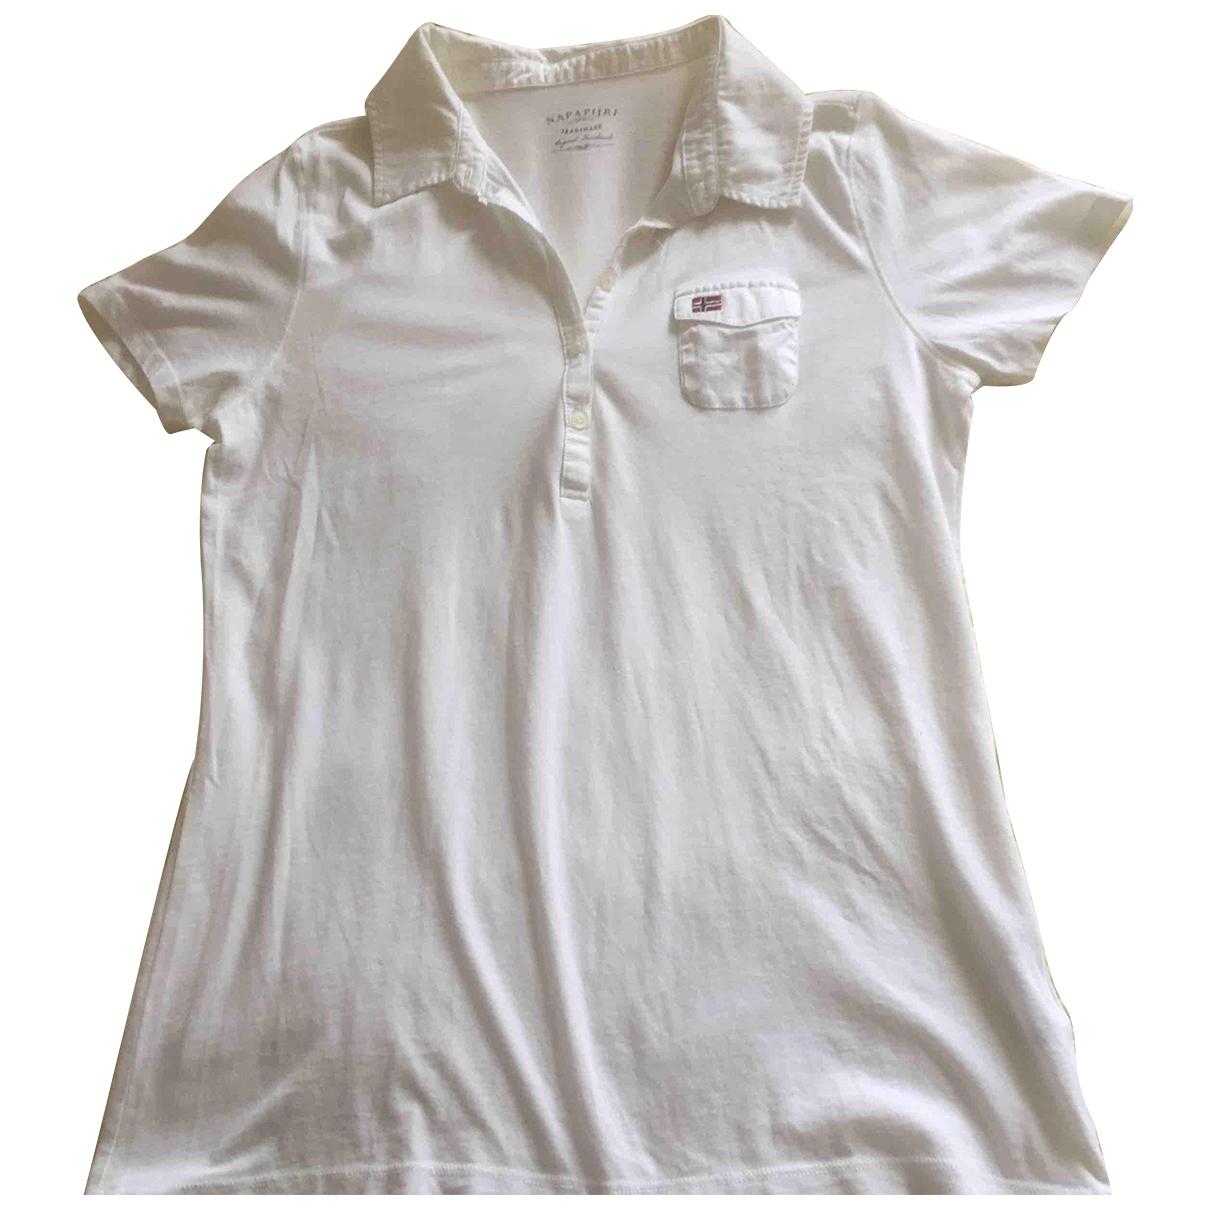 Napapijri - Top   pour femme en coton - blanc